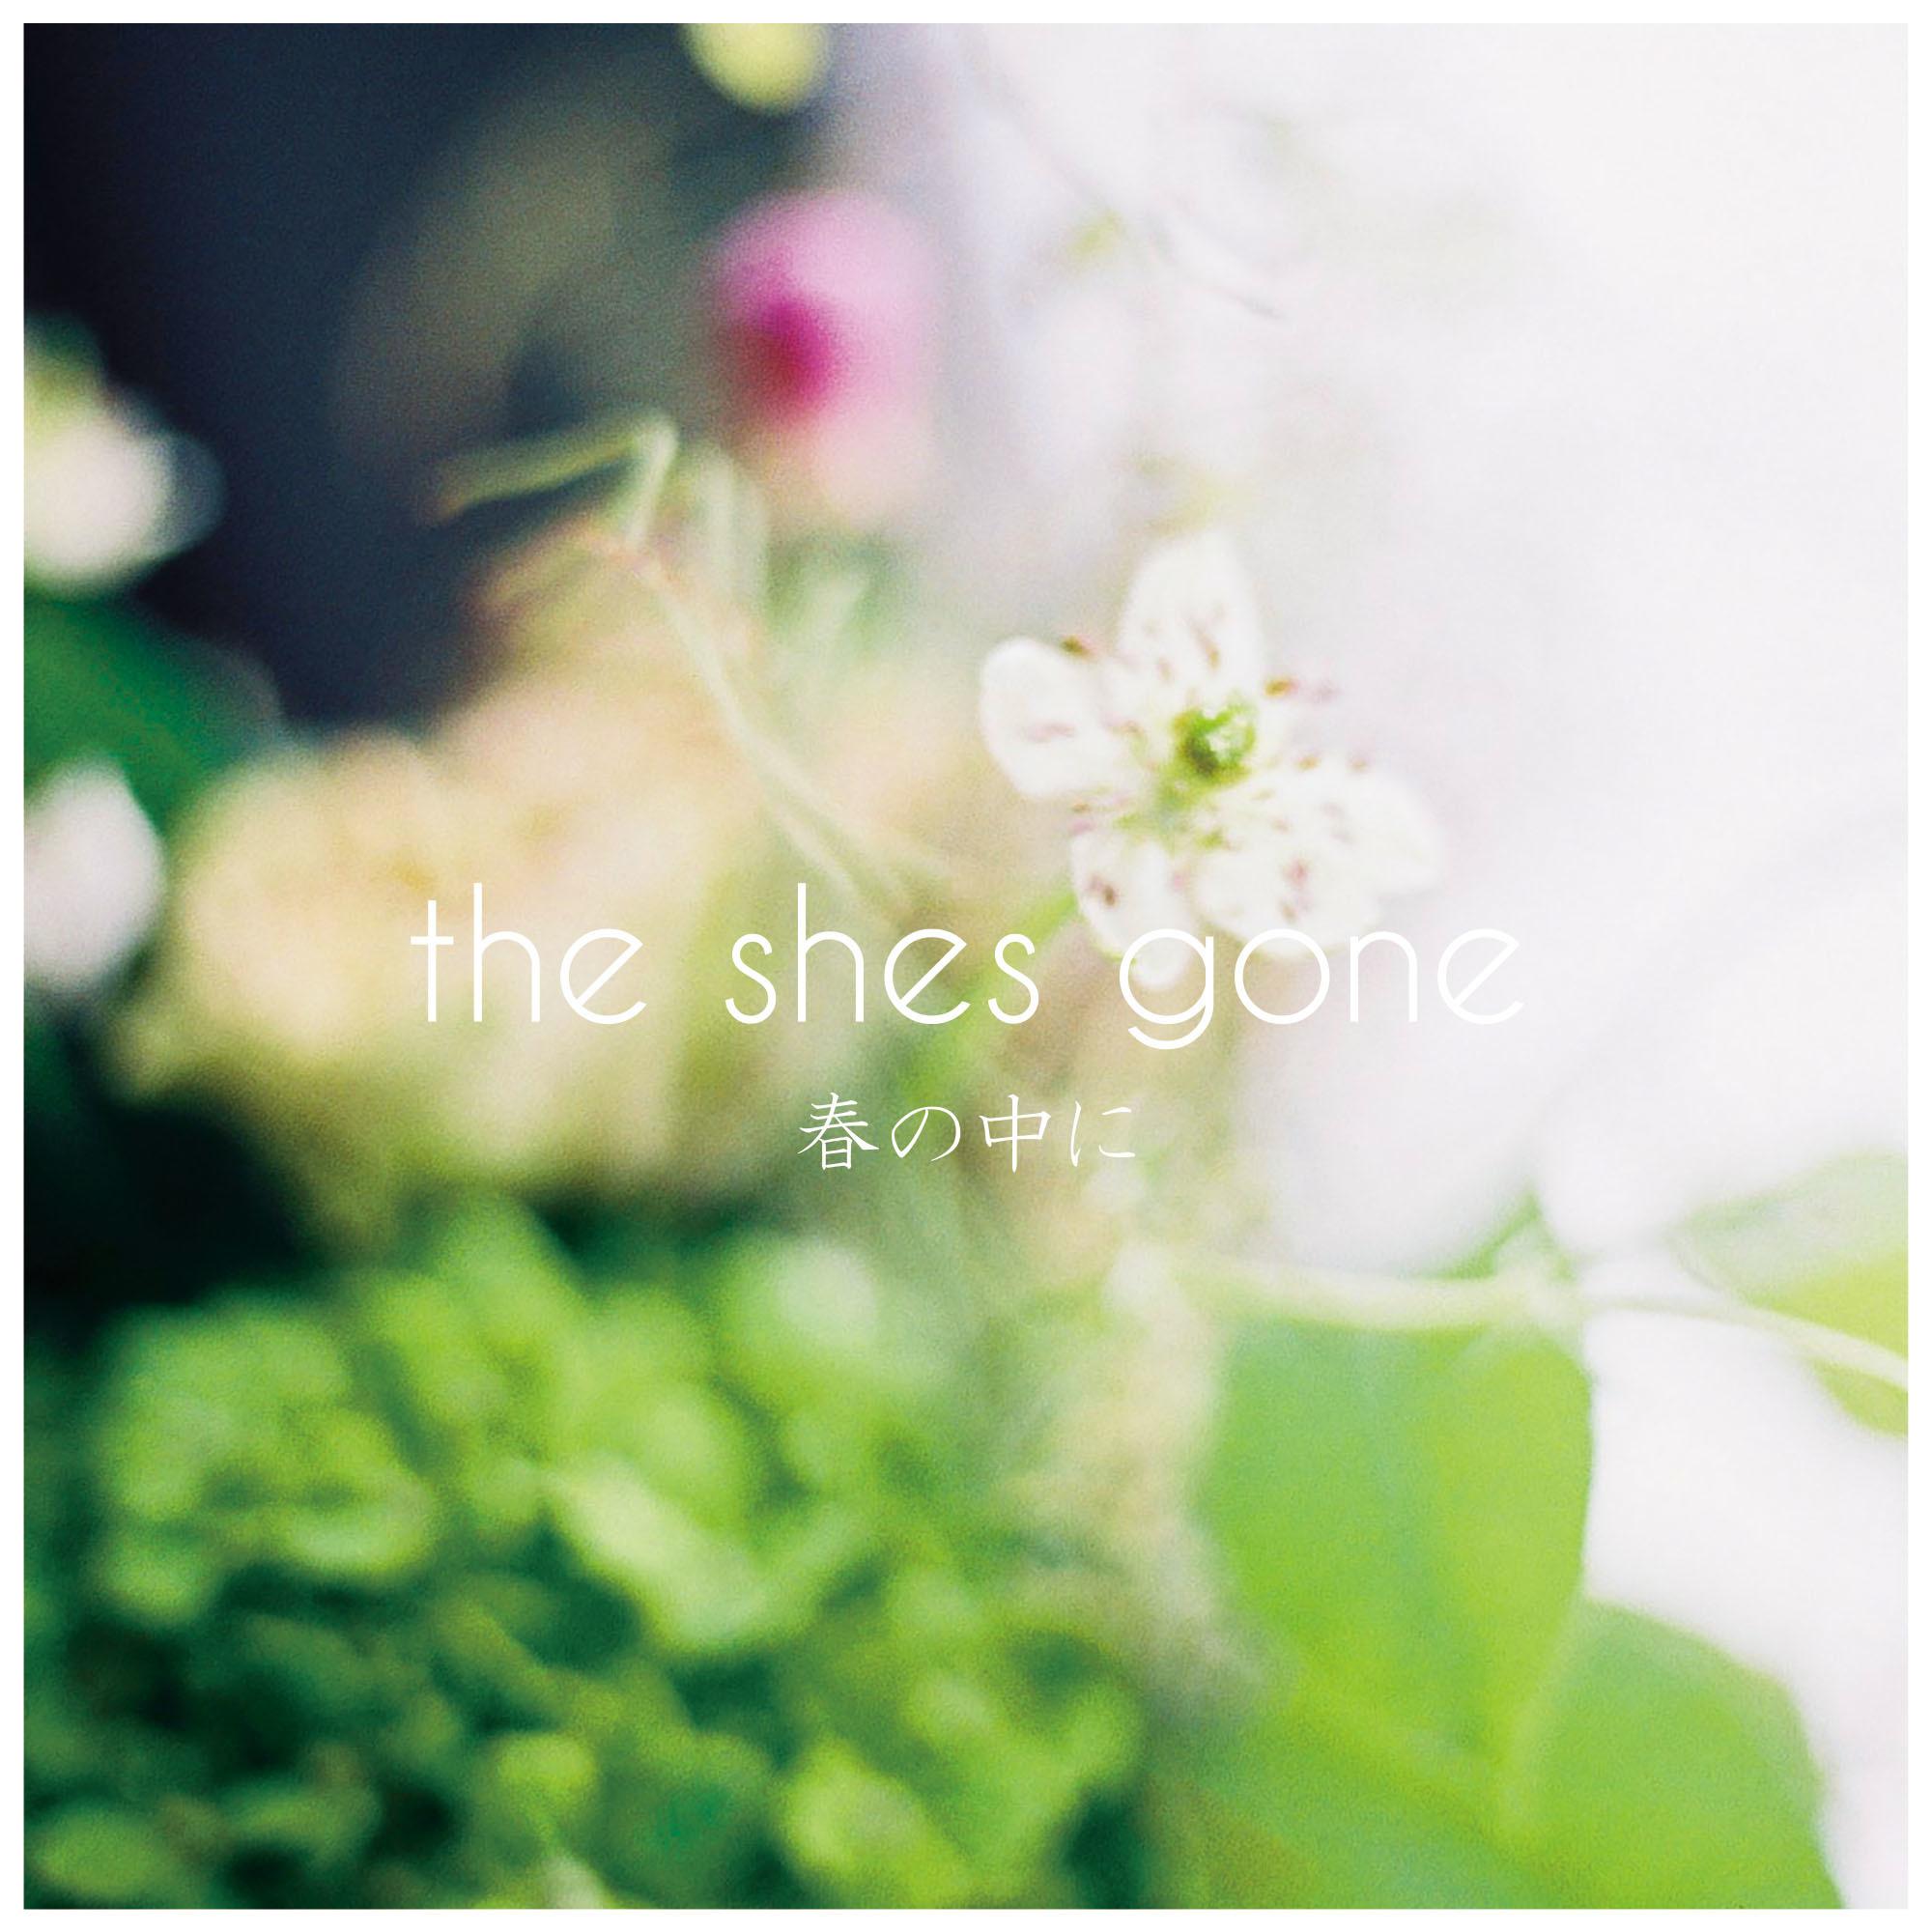 通販限定CD「春の中に」